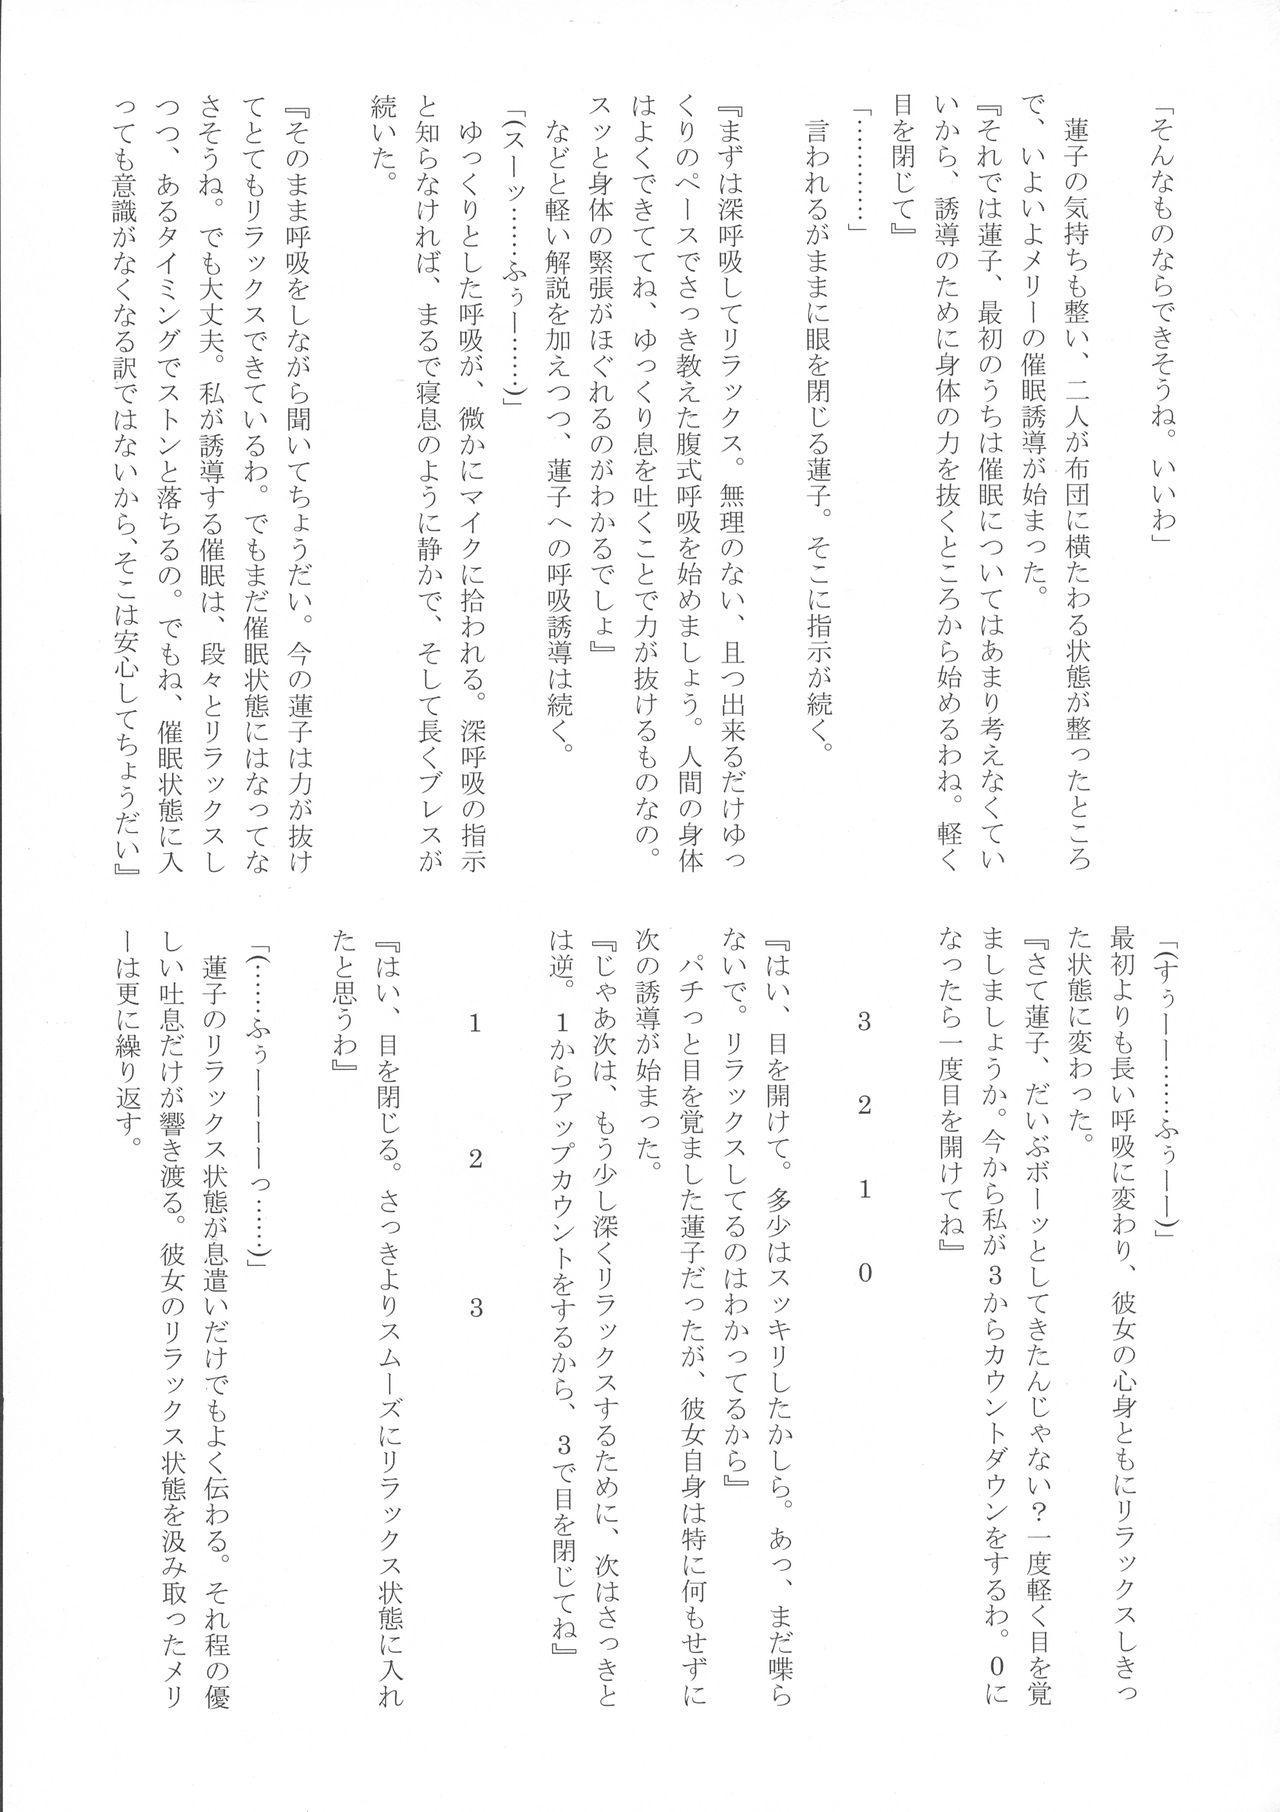 (Reitaisai 15) [HORIC WORKS (Various)] Touhou Bouchou-kei Sougou Goudou-shi `Boujo 2!!!!!!!!' (Touhou Project) 77